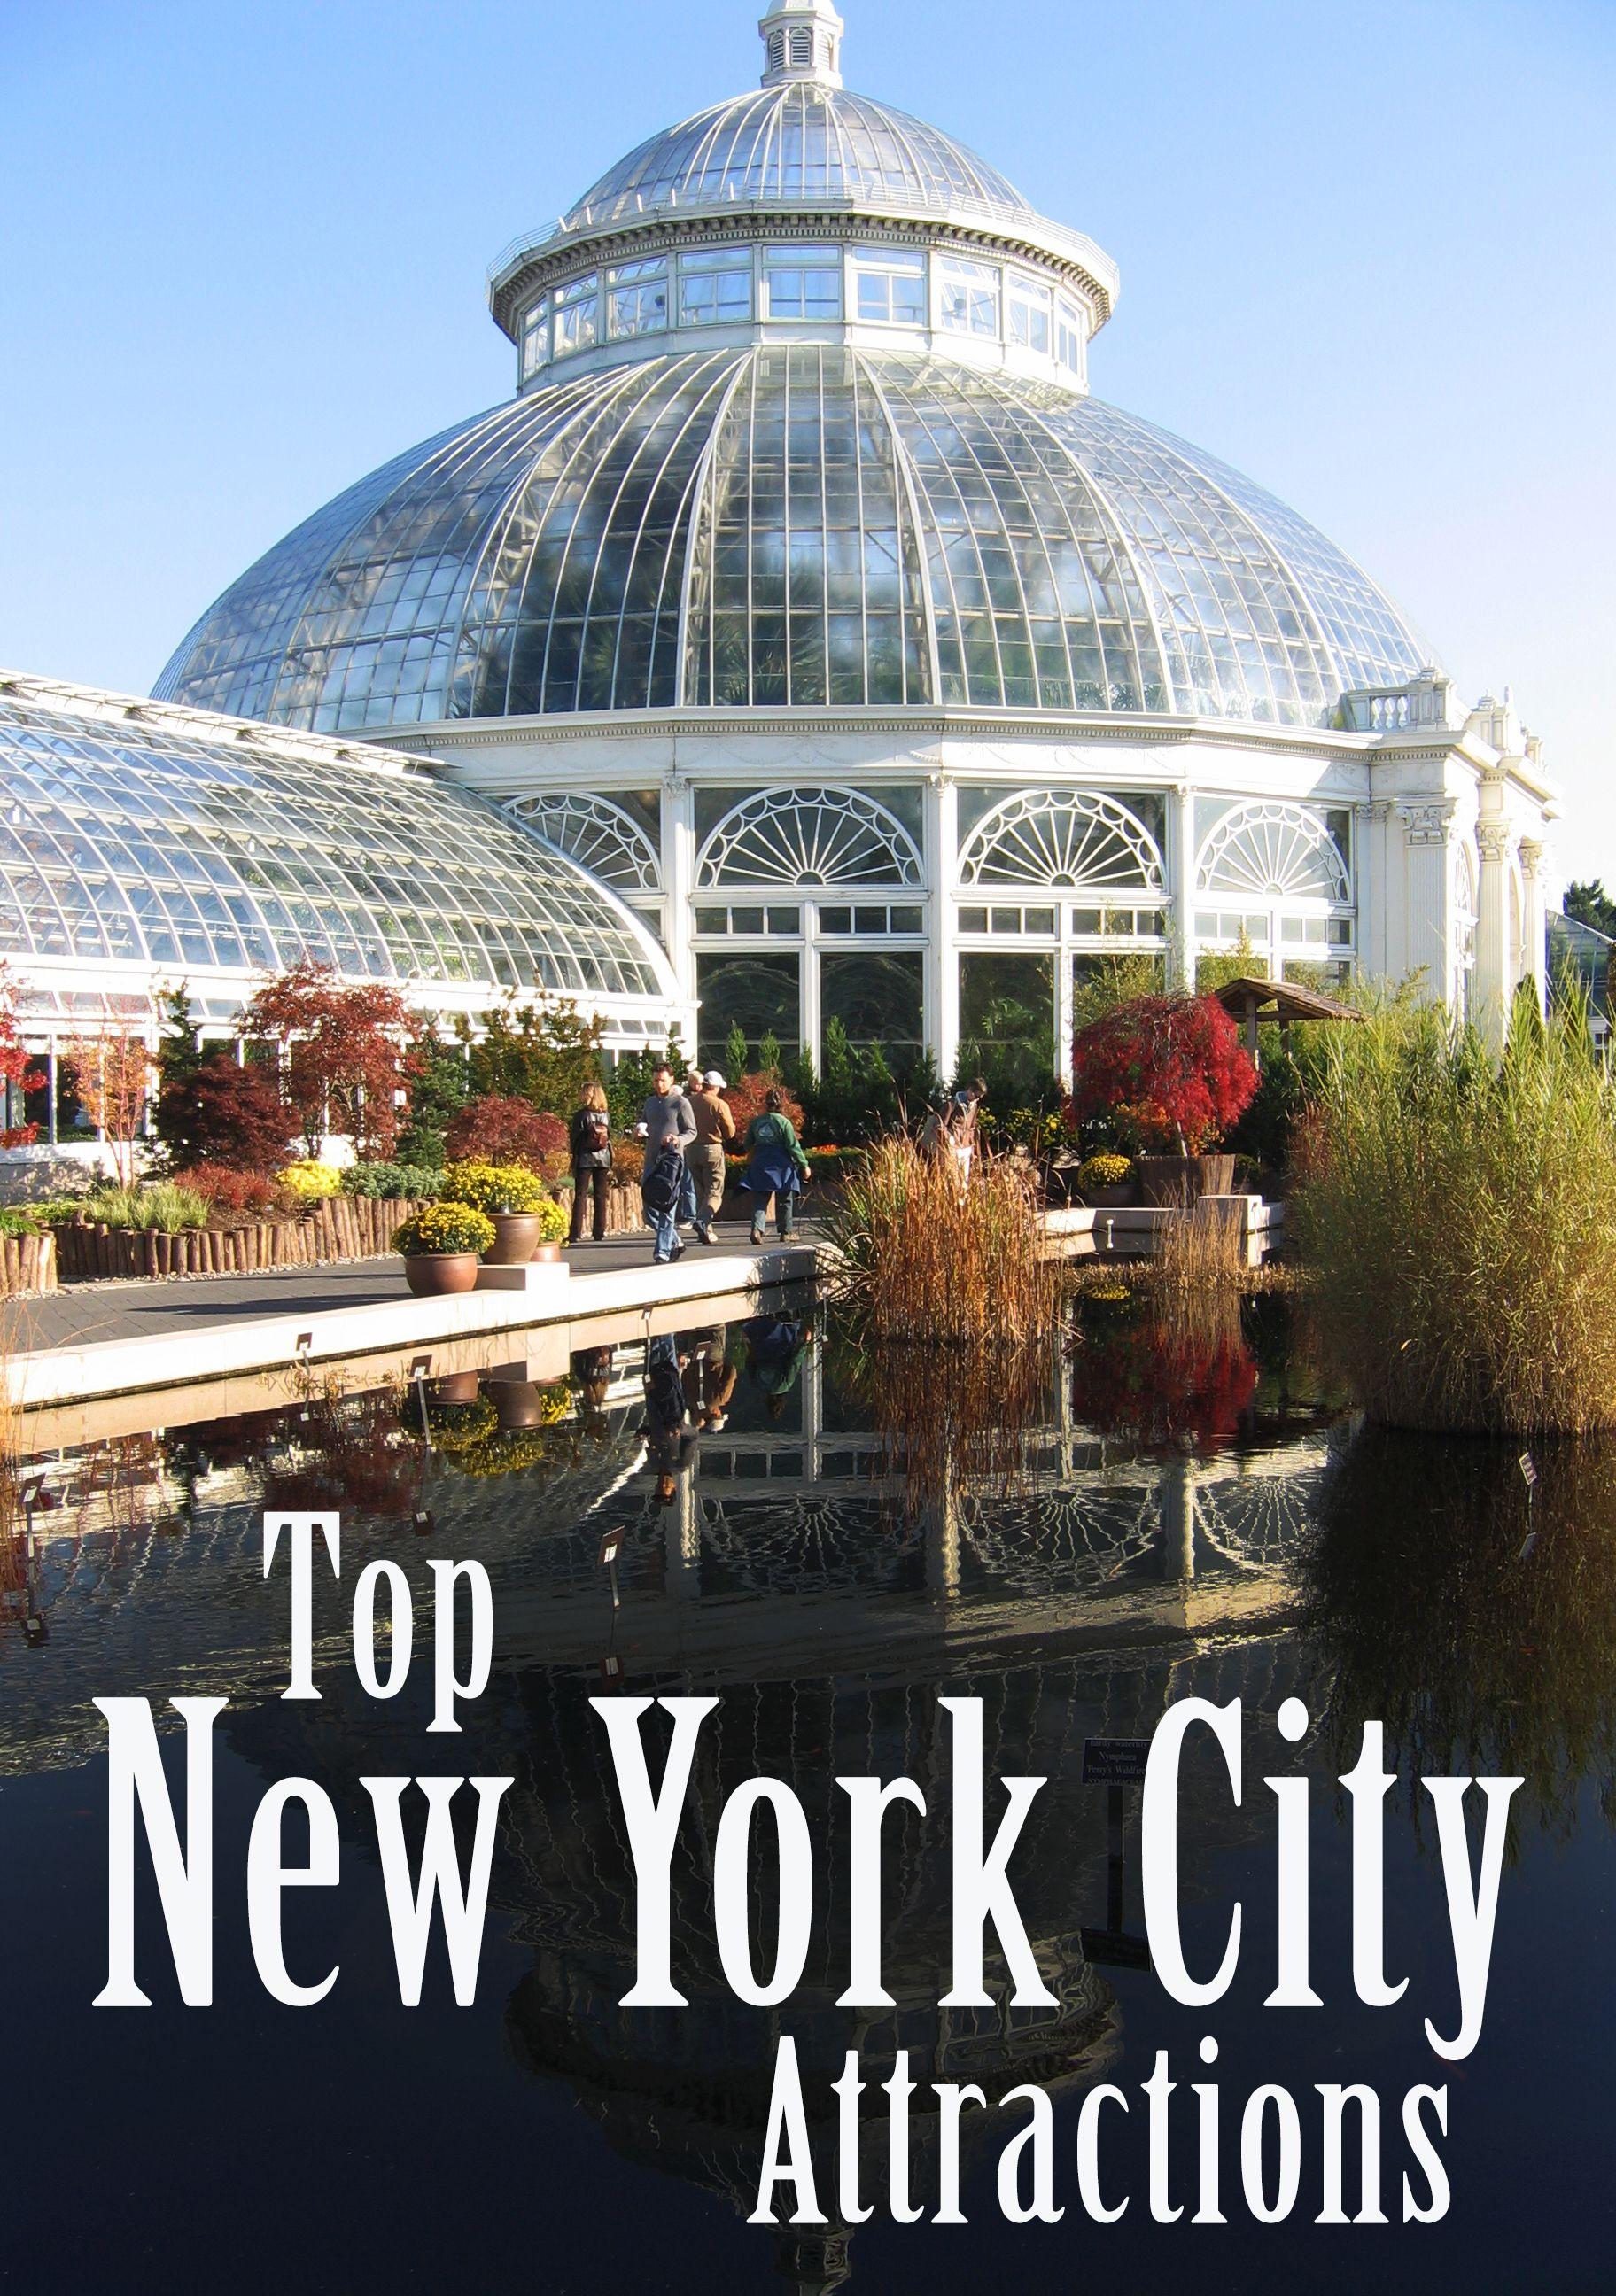 10 Top New York City Attractions #botanicgarden